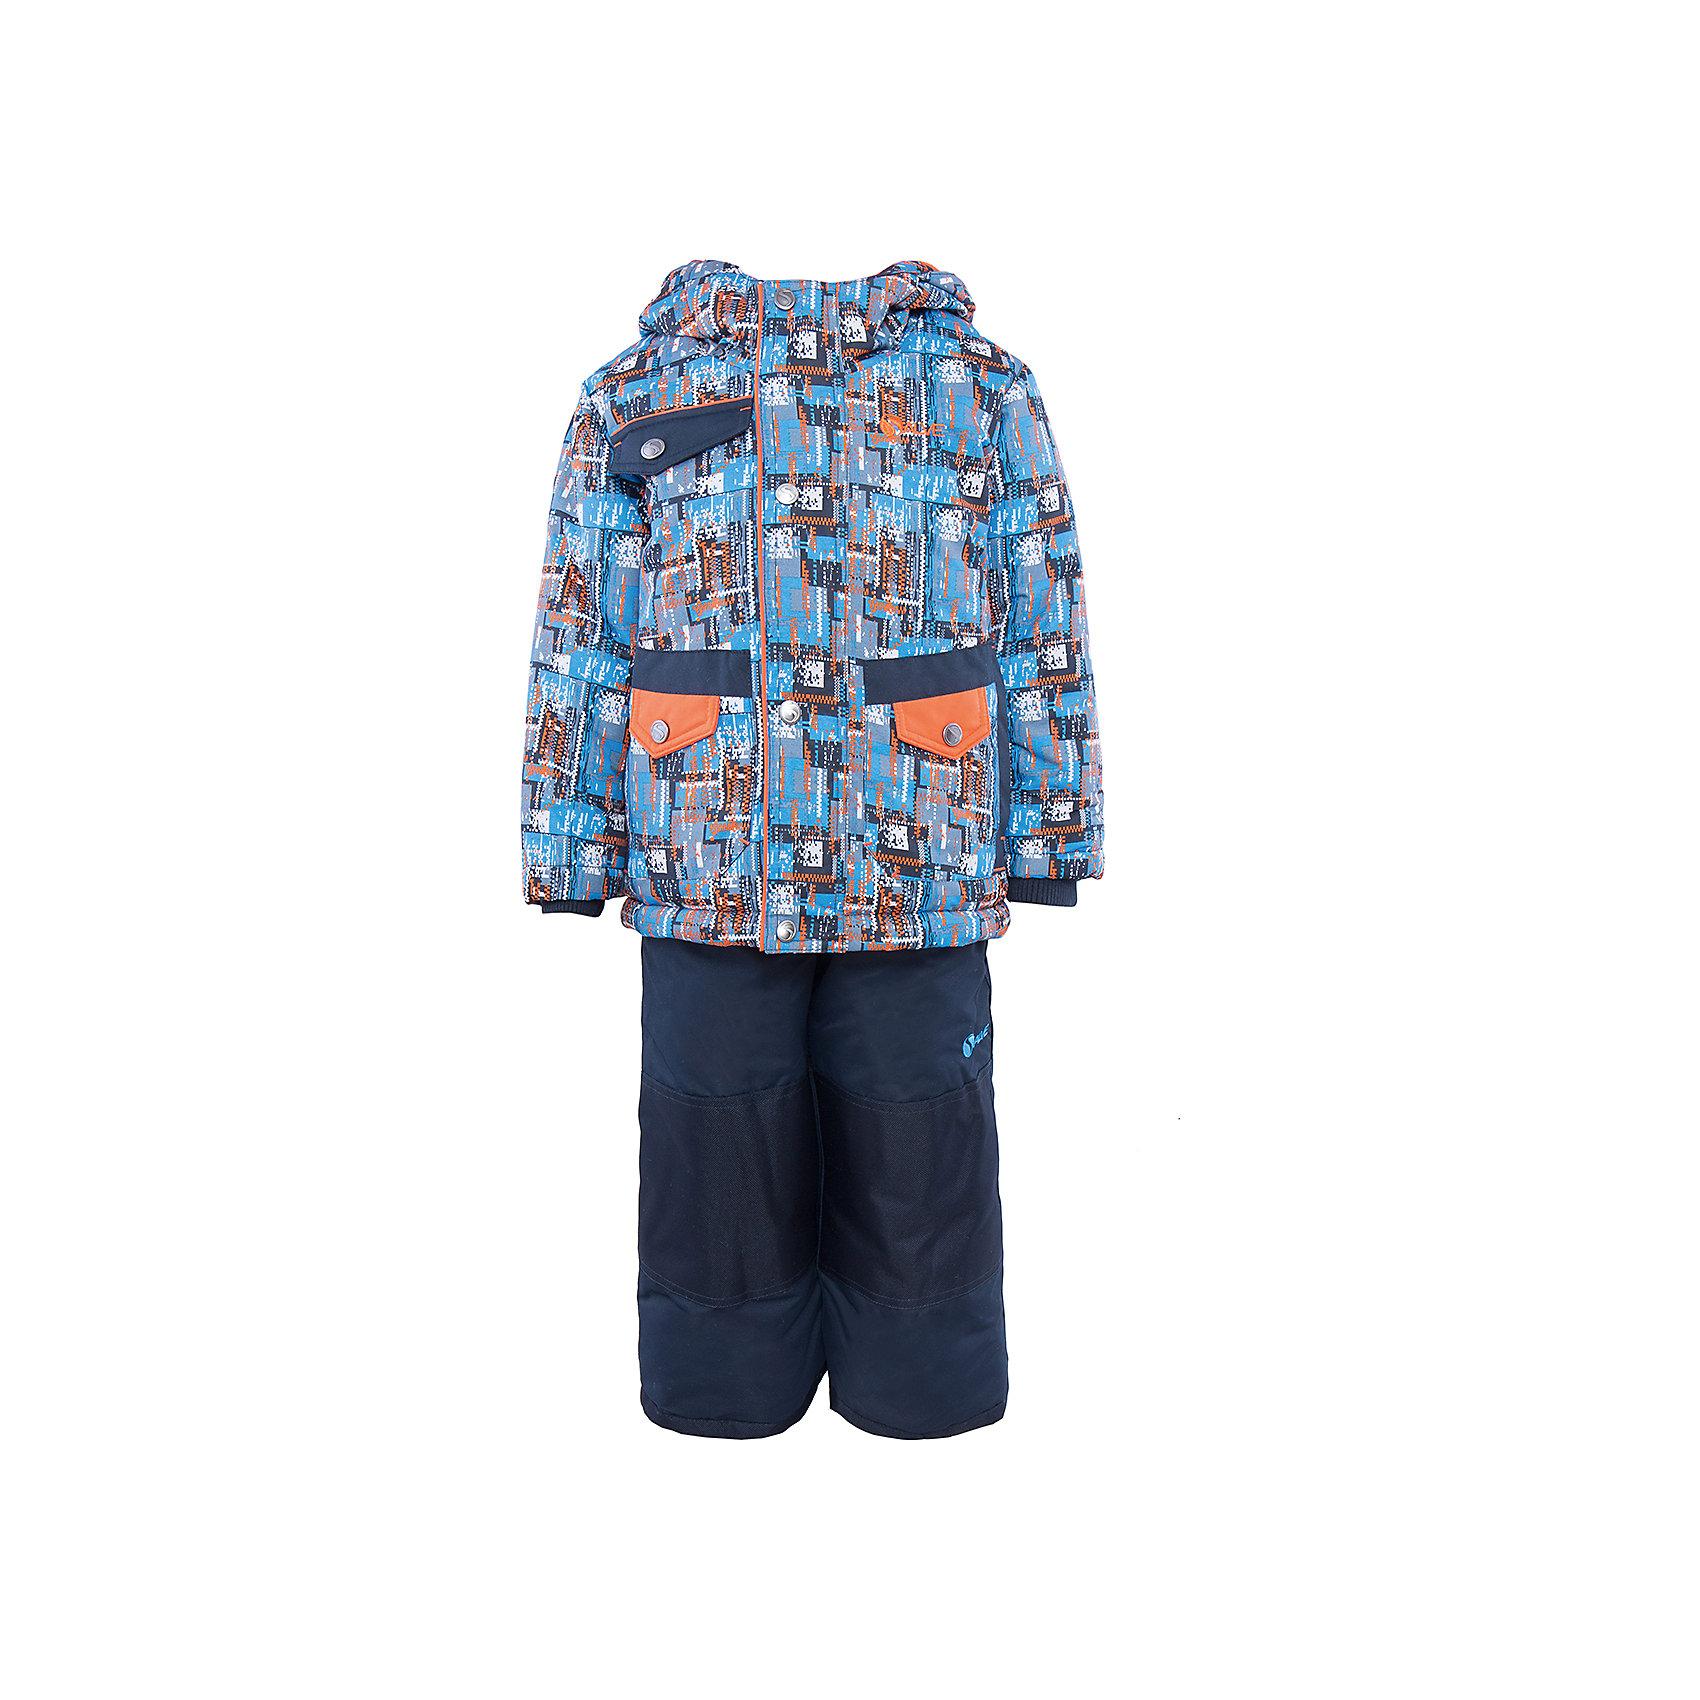 Комплект: куртка и полукомбинезон для мальчика SalveВерхняя одежда<br>Характеристики:<br><br>• Сезон: зима<br>• Степень утепления: высокая (куртка – 330 гр/м.кв.; полукомбинезон – 200 гр/м.кв.)<br>• Температурный режим*: от 0 до -30 градусов<br>• Пол: для мальчика<br>• Цвет: голубой, оранжевый, синий<br>• Материал: полиэстер 100%<br>• Комплектация: куртка, полукомбинезон<br>• Наличие снегозащитной юбки<br>• Тип застежки: молния, кнопки<br>• Манжеты на куртке: эластичные, трикотажные<br>• Капюшон: не отстегивается<br>• Регулируемые лямки у полукомбинезона<br>• Карманы: 2 боковых и 1 на груди у куртки <br>• Уход: допускается стирка без чистящих и отбеливающих средств<br><br>Бренд Salve разработан и произведён канадской компанией Gusti International специально для российского рынка.<br><br>Комплект: куртка и полукомбинезон для мальчика Salve предназначен для прогулок в самое холодное время года. Изделие обеспечено высокой степенью утепления. Верхняя часть комплекта выполнена из полиэстера, который обладает ветрозащитными и влагонепропускаемыми свойствами. Подклад на куртке выполнен из флиса. Для обеспечения поддержания микроклимата имеются эластичные трикотажных манжеты на рукавах куртки и резинки на брюках. Изделие выполнено из прочной ткани, имеется усиление на коленях, по низу полукомбинезона и сзади. Крой комплекта выполнен с учетом повышенной подвижности ребенка во время зимних прогулок: расширенные брючины не сковывают движений. <br>Комплект: куртка и полукомбинезон для мальчика Salve выполнен в ярком дизайне: куртка с оранжевыми и голубыми графическими элементами и полукомбинезон в классическом темном цвете.<br><br>Комплект: куртку и полукомбинезон для мальчика Salve можно купить в нашем интернет-магазине.<br><br>Ширина мм: 356<br>Глубина мм: 10<br>Высота мм: 245<br>Вес г: 519<br>Цвет: синий<br>Возраст от месяцев: 24<br>Возраст до месяцев: 36<br>Пол: Мужской<br>Возраст: Детский<br>Размер: 98,110,104<br>SKU: 5044719